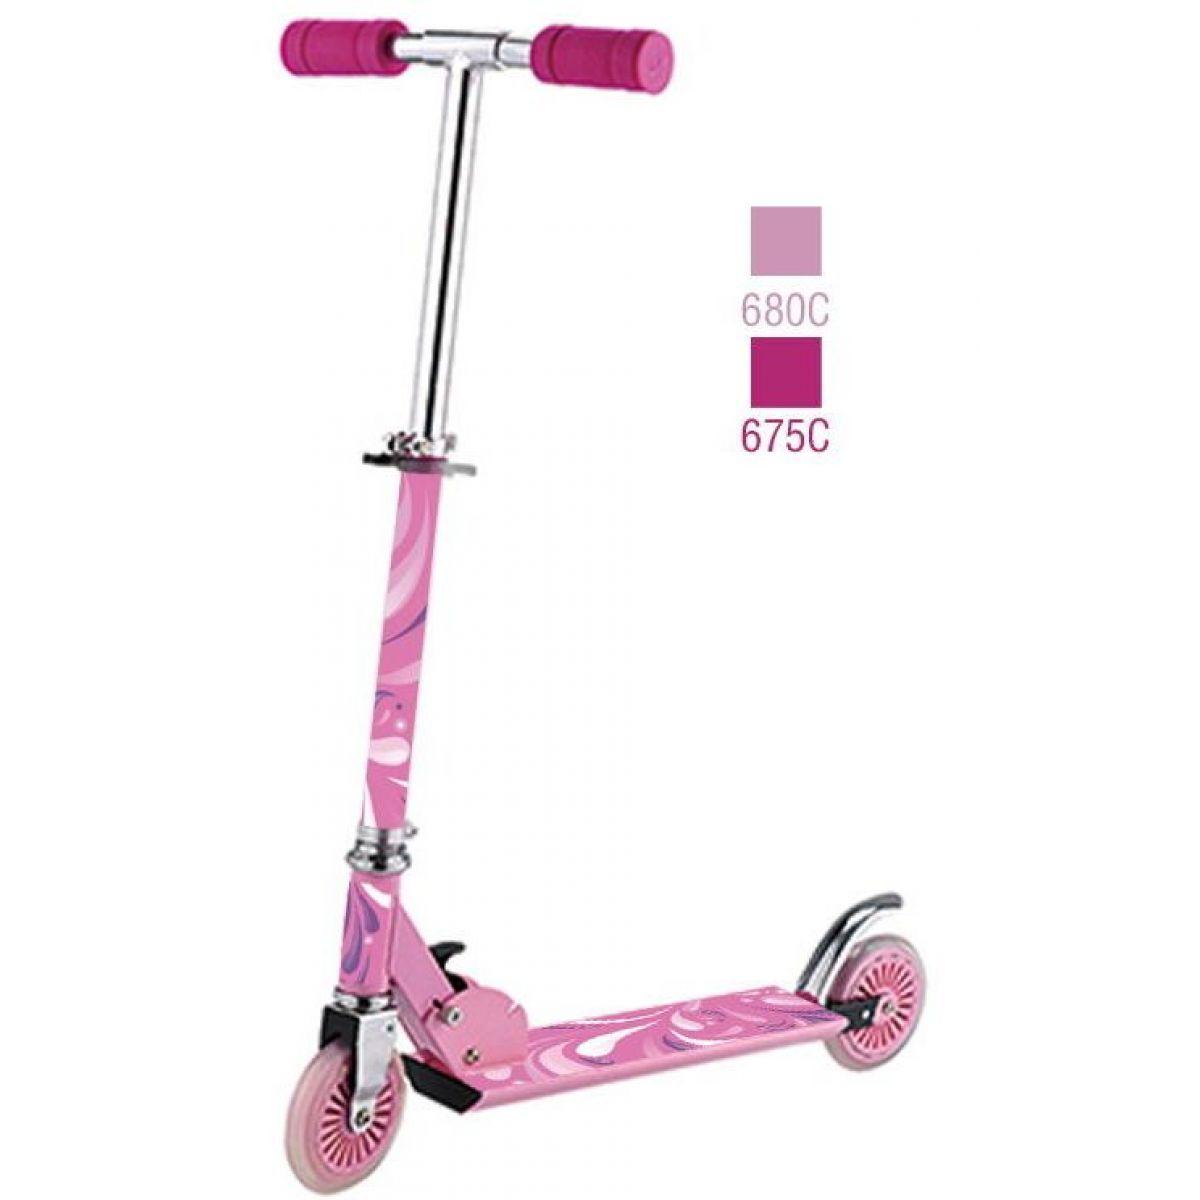 Alltoys Dětská koloběžka Scooter růžová